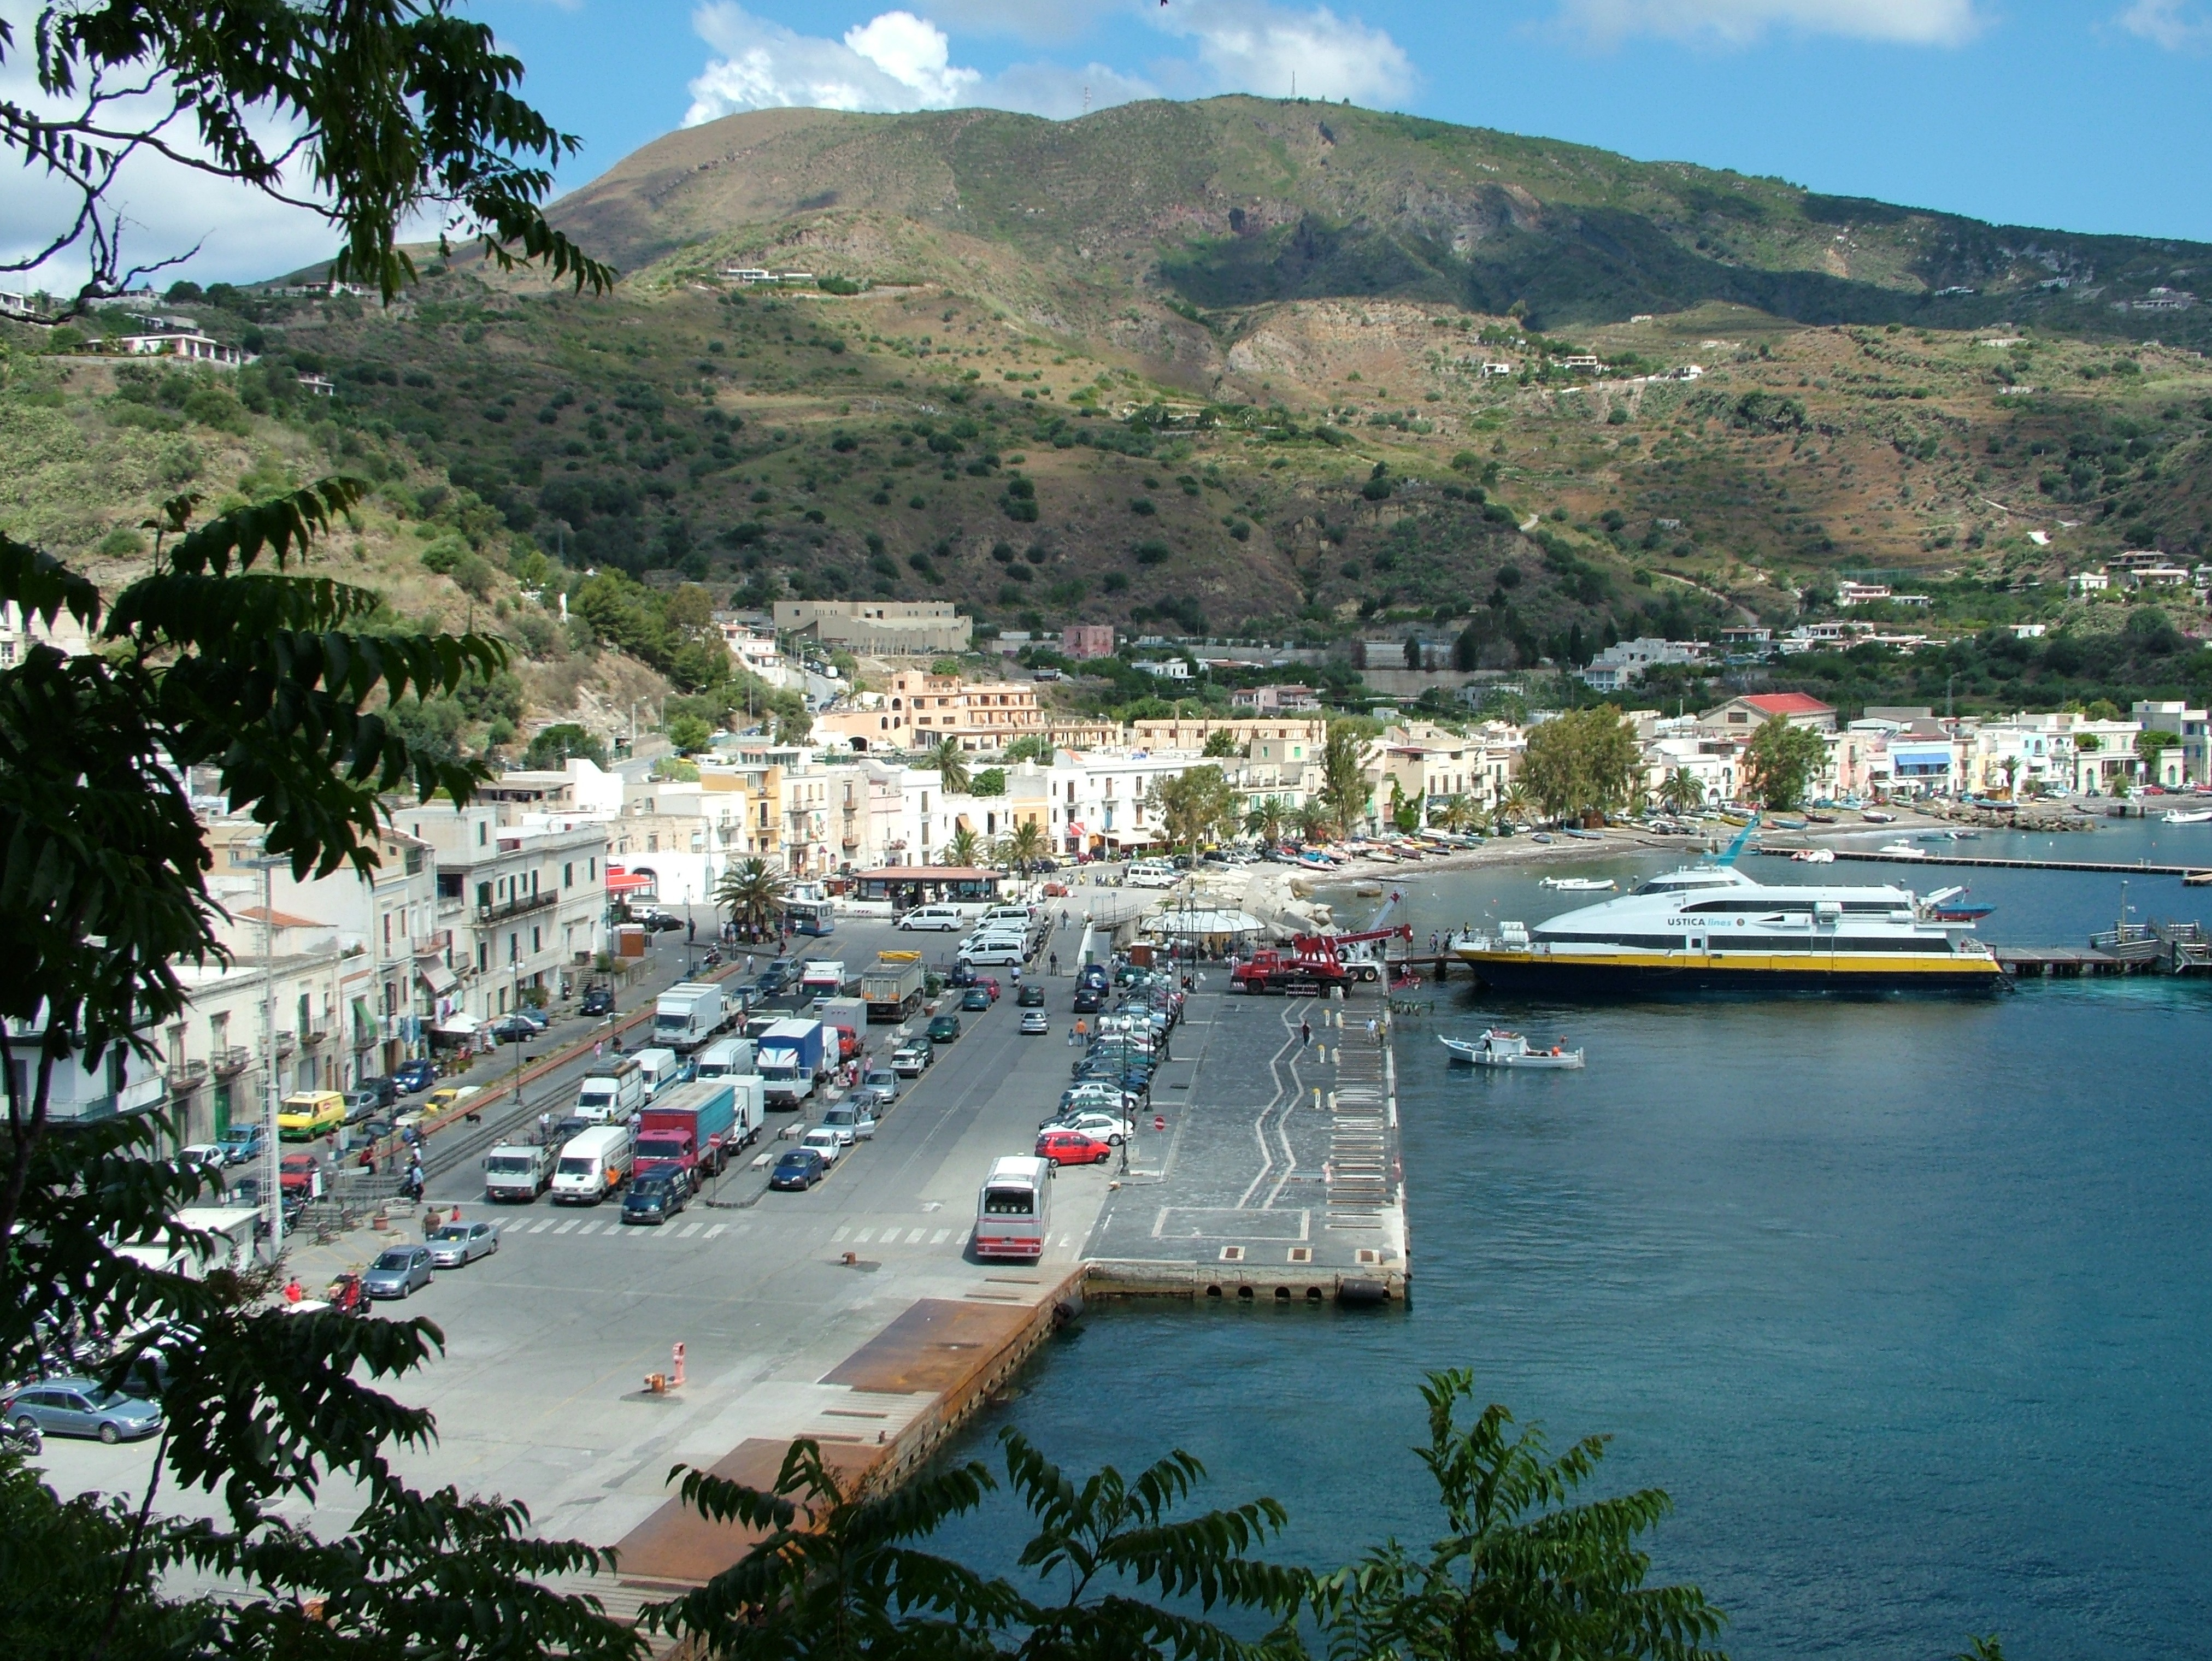 Veduta del porto dall'alto